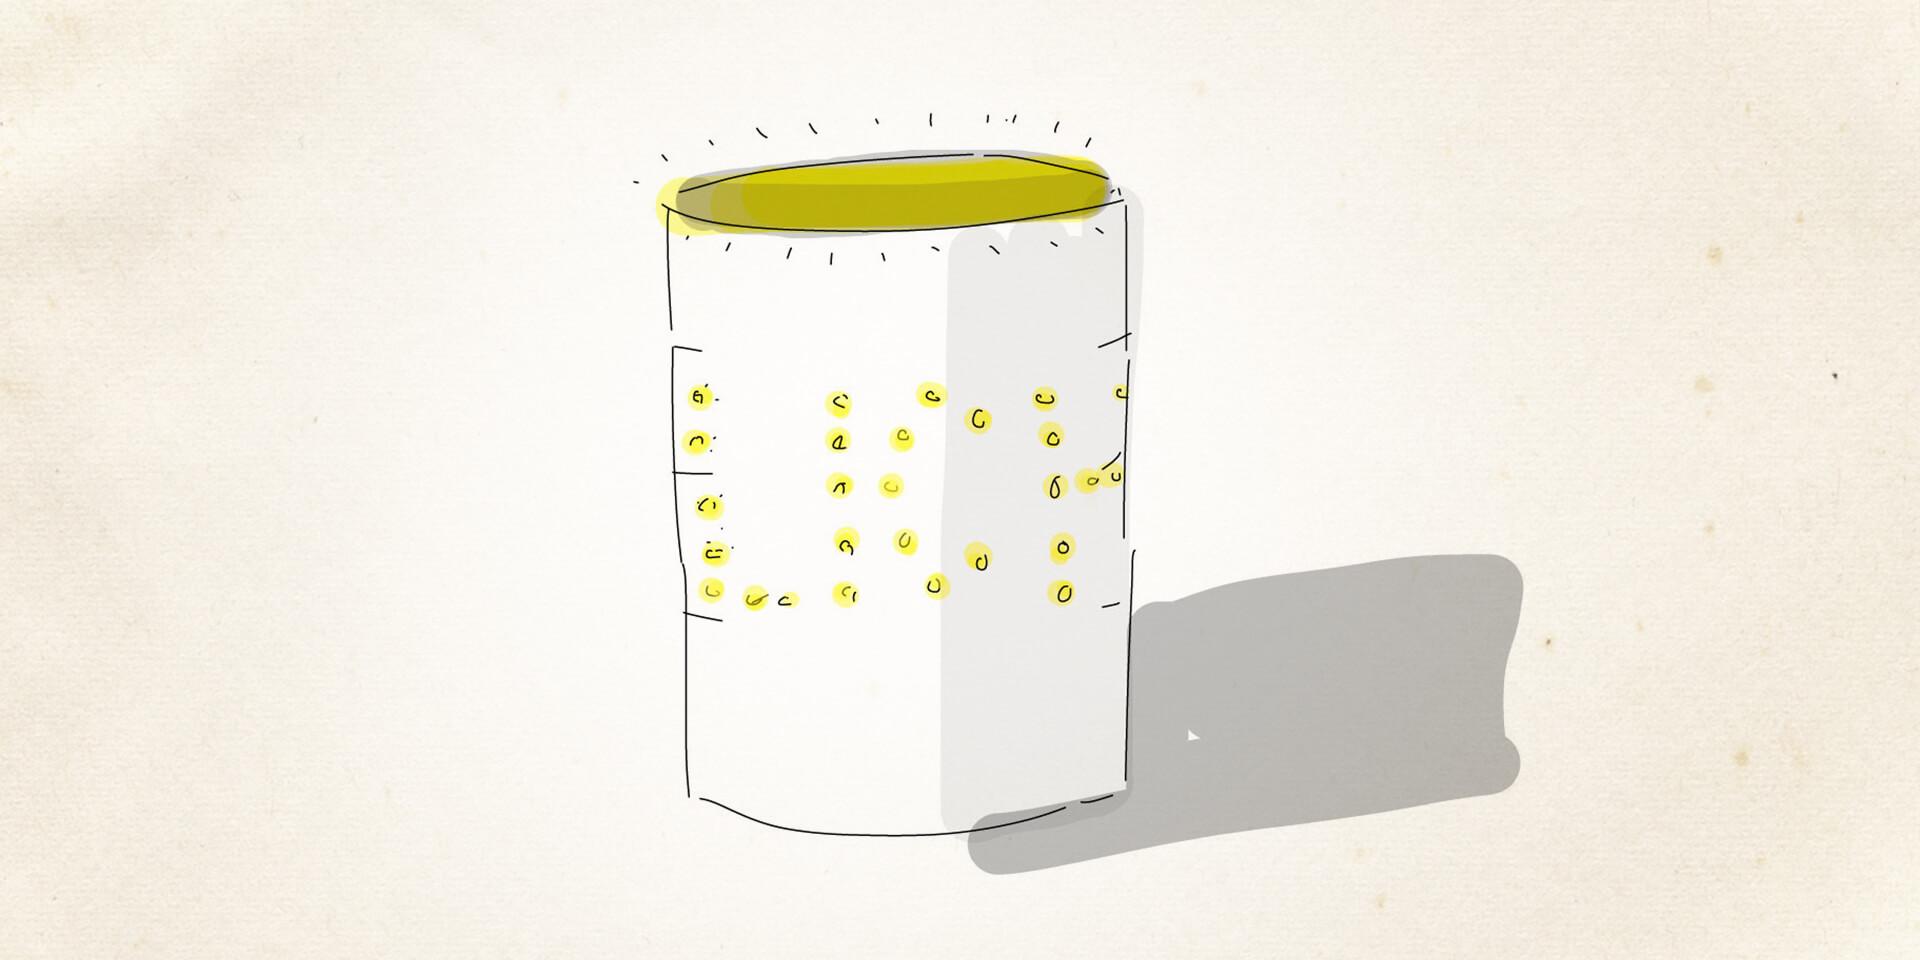 Bastelanleitung für eine Blechdosenlaterne